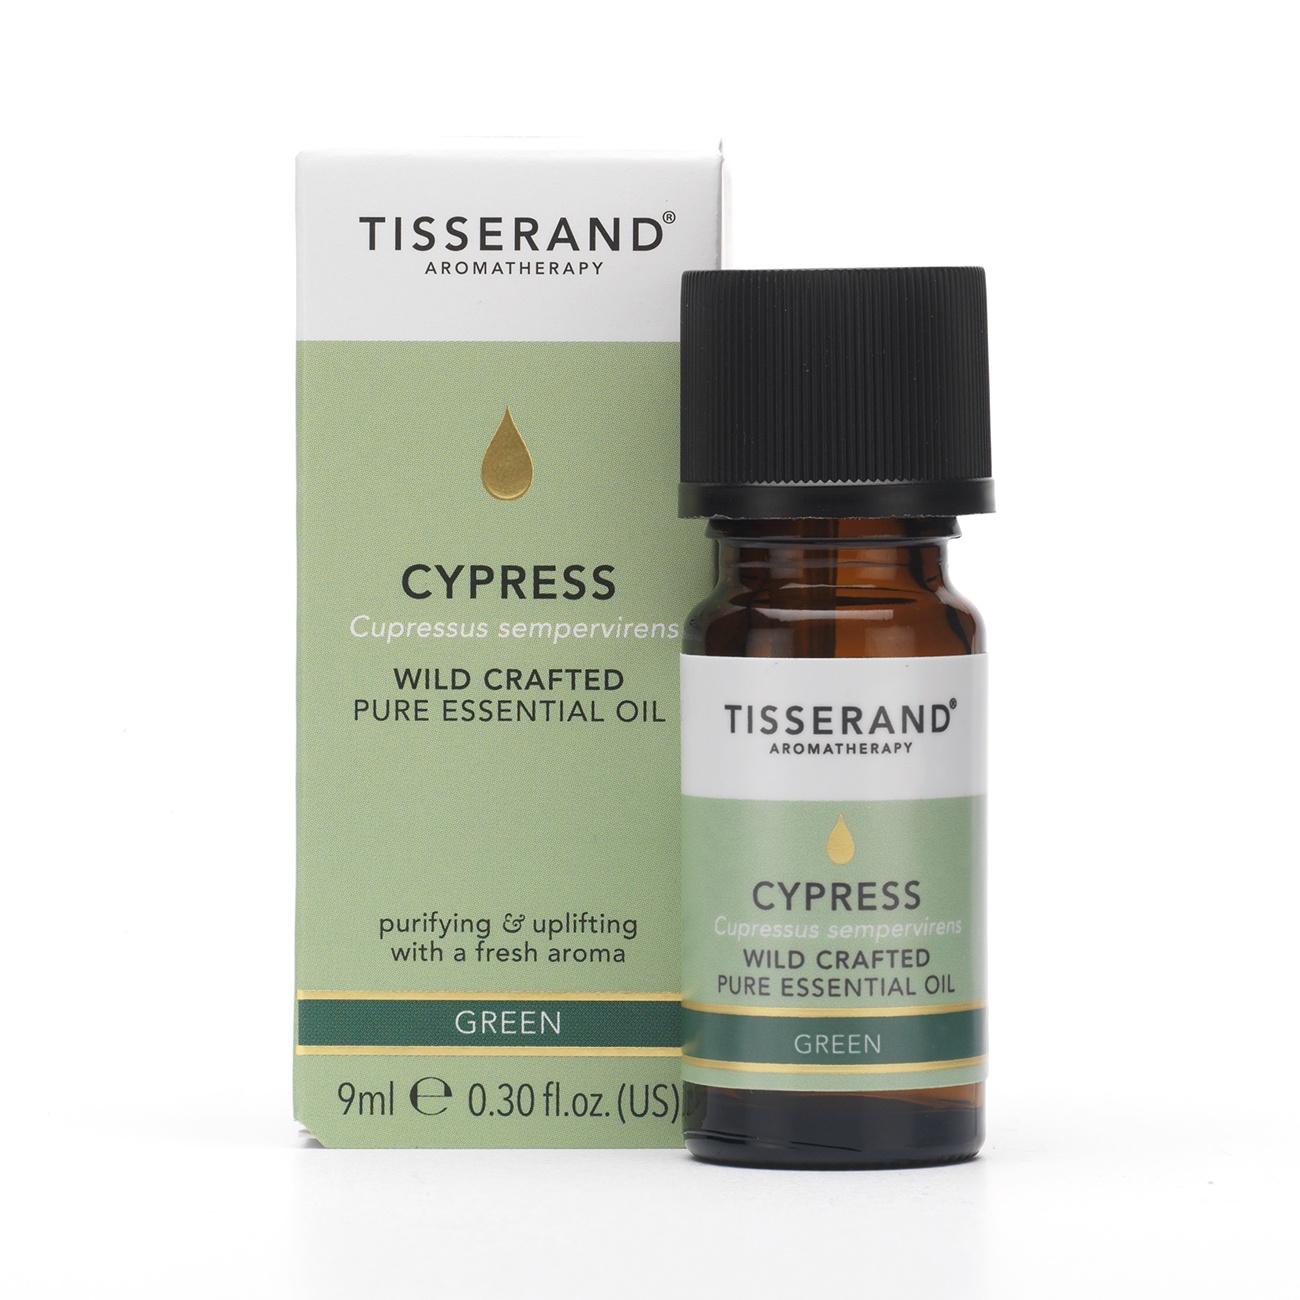 Tisserand Cypress Wild Crafted Essential Oil 9ml